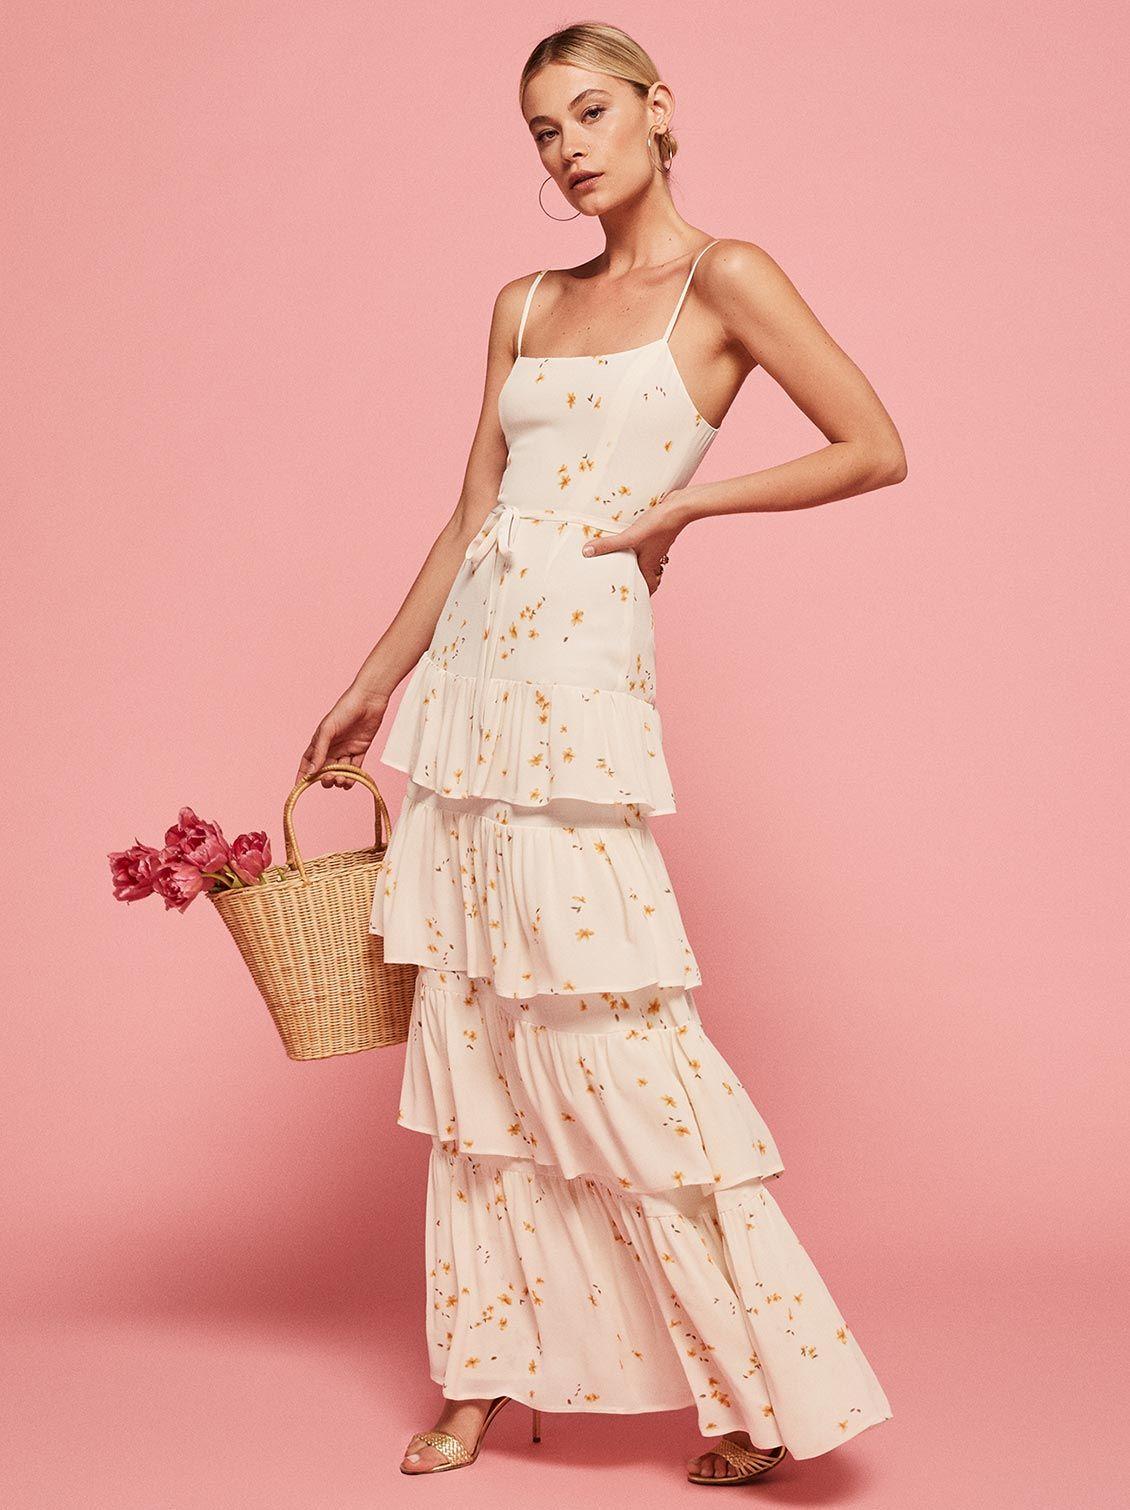 Callalily Dress | Pinterest | Elegante sport, Vestido elegante y ...